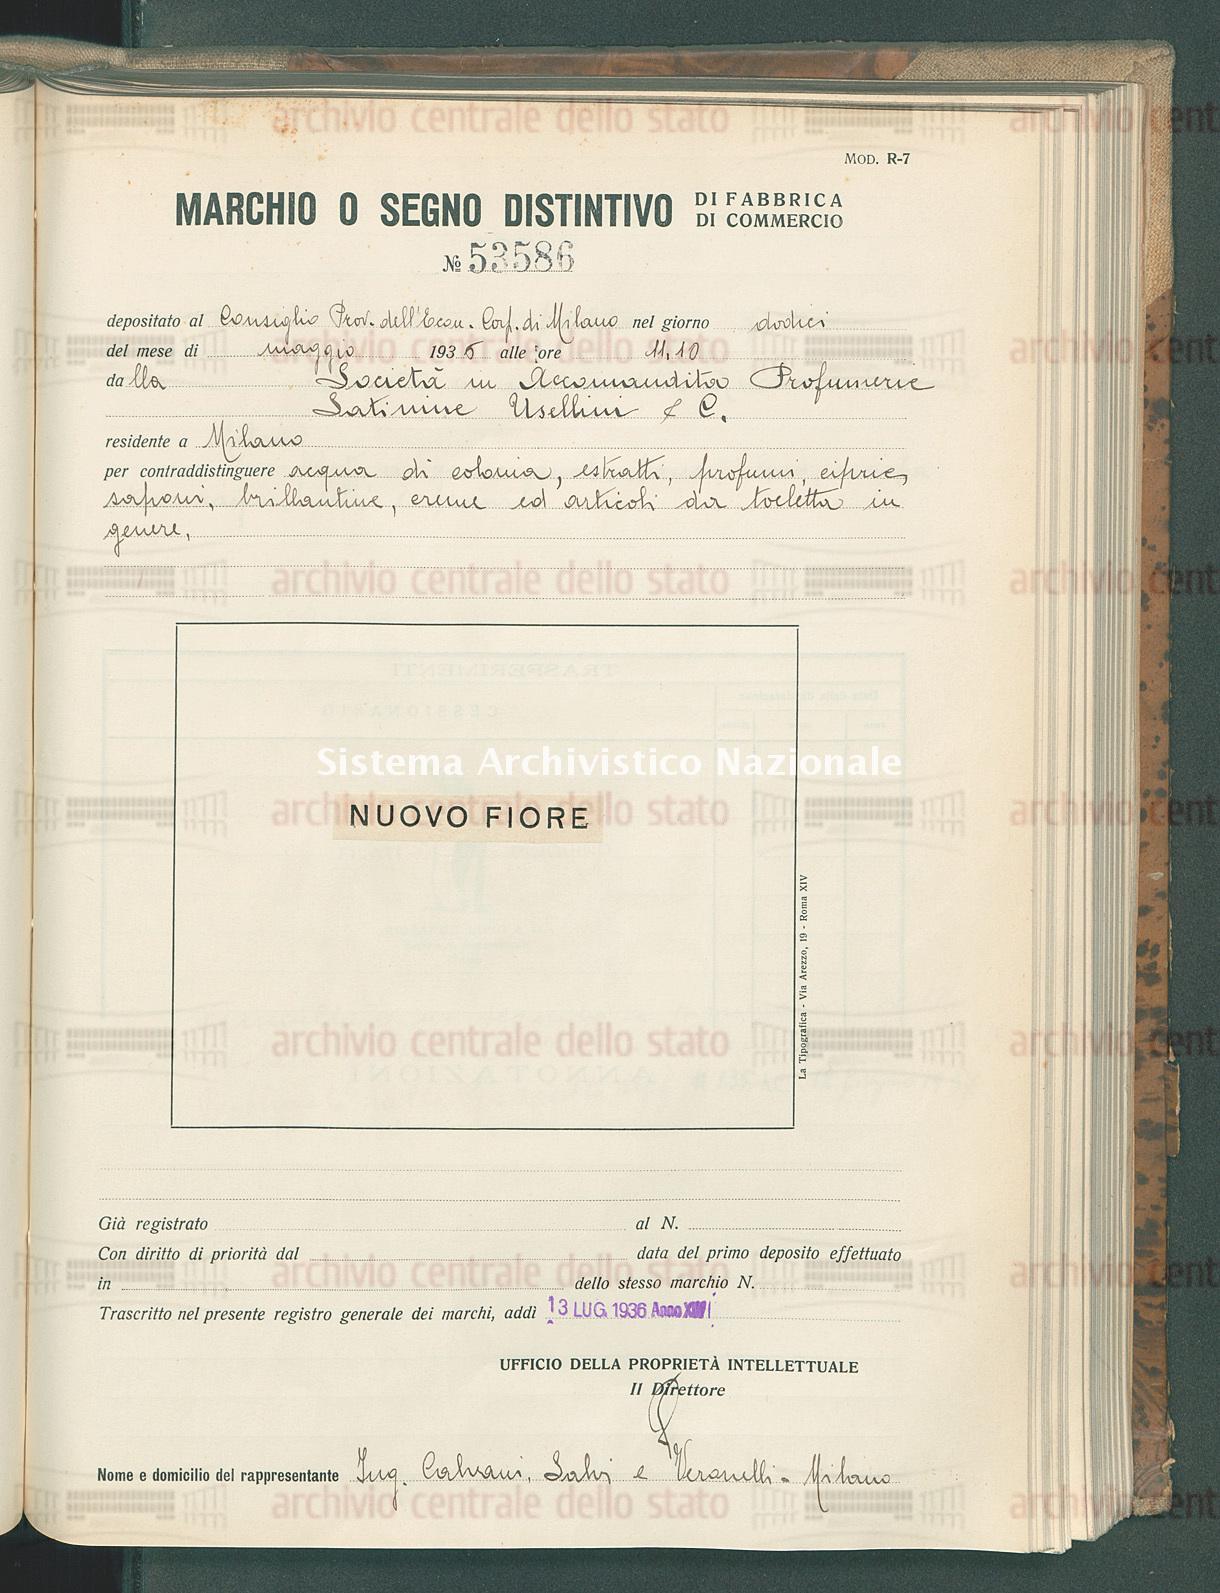 Acqua di colonia, estratti, profumi, etc. Societa' In Accomandita Profumerie Satinine Usellini & C. (13/07/1936)